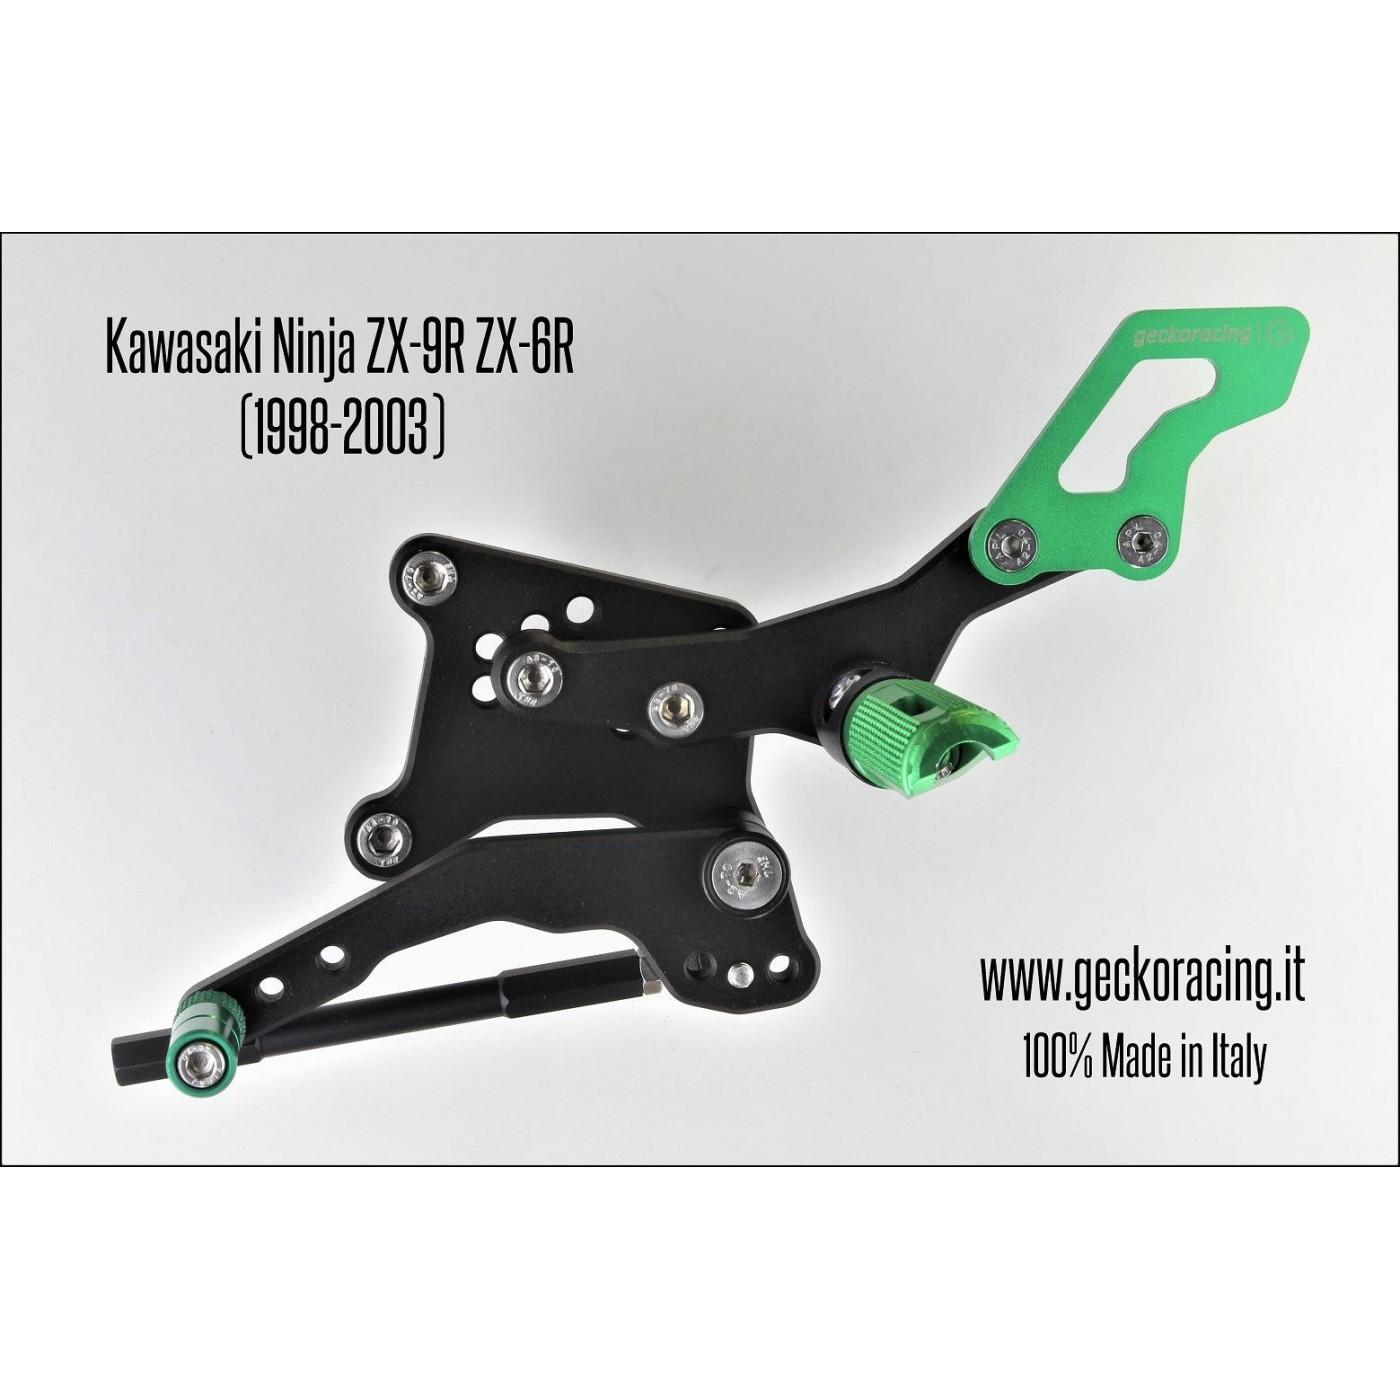 Rearsets Adjustable Kawasaki Ninja ZX-9R ZX-6R Gear